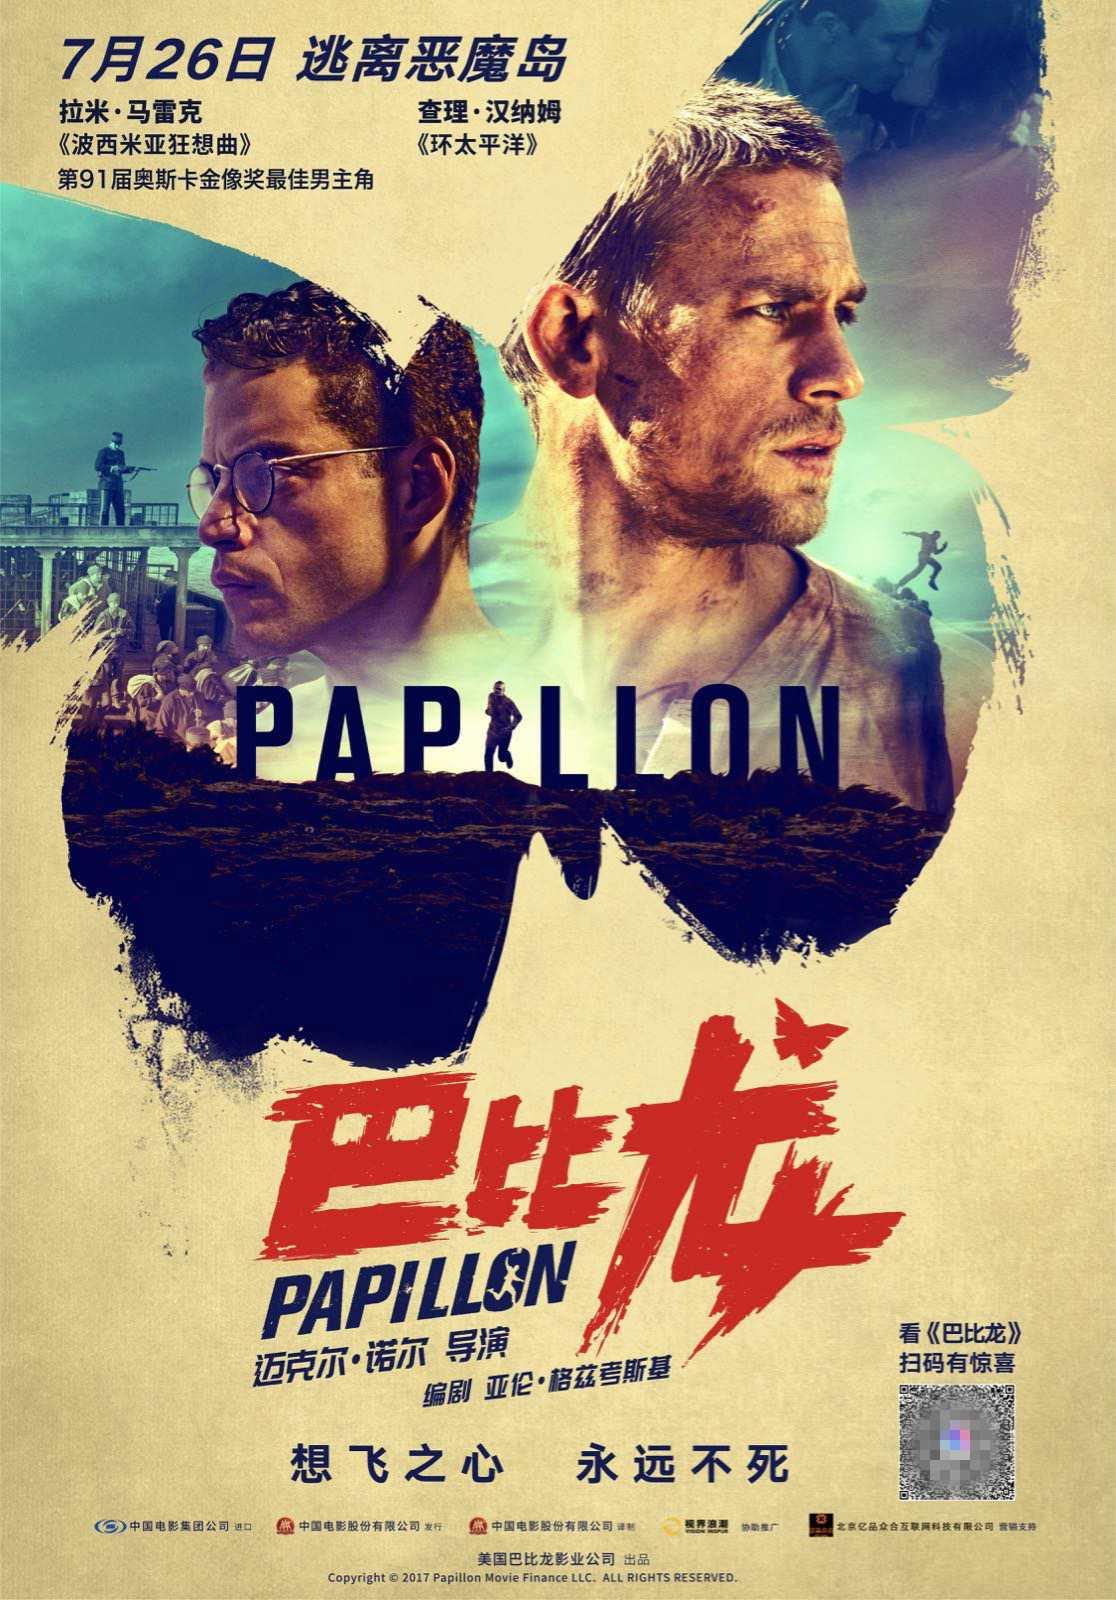 电影《巴比龙》定档海报.jpg